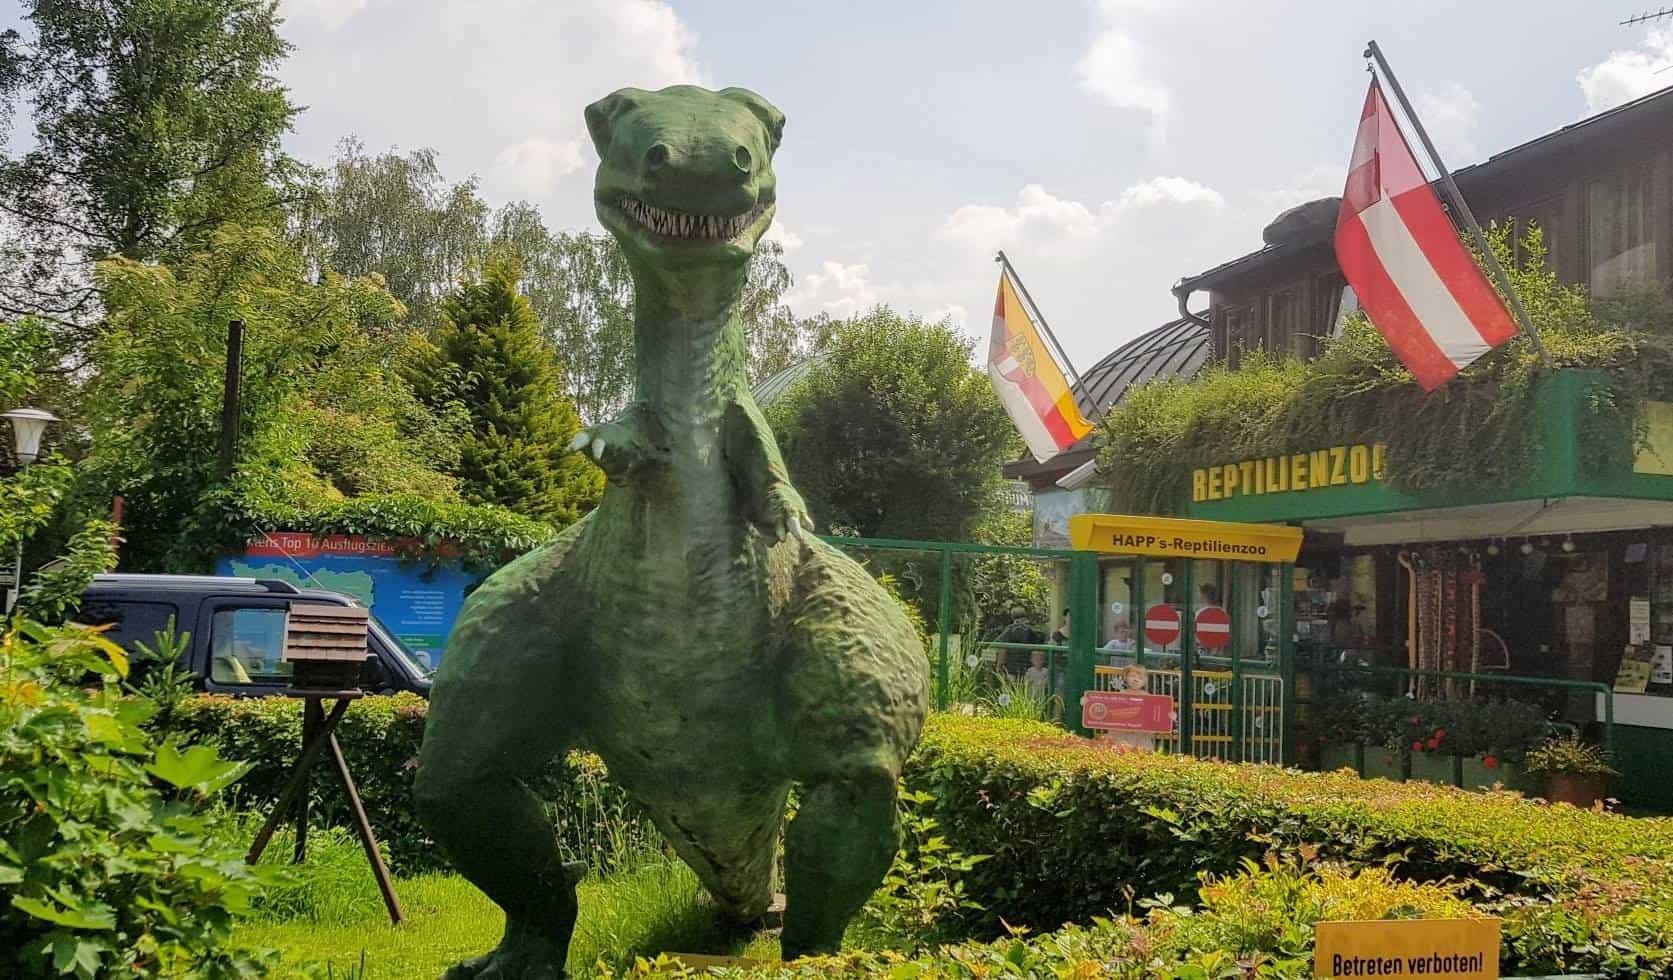 Dinosaurier am Eingang der Kärntner Sehenswürdigkeit Reptilienzoo Happ in Klagenfurt am Wörthersee